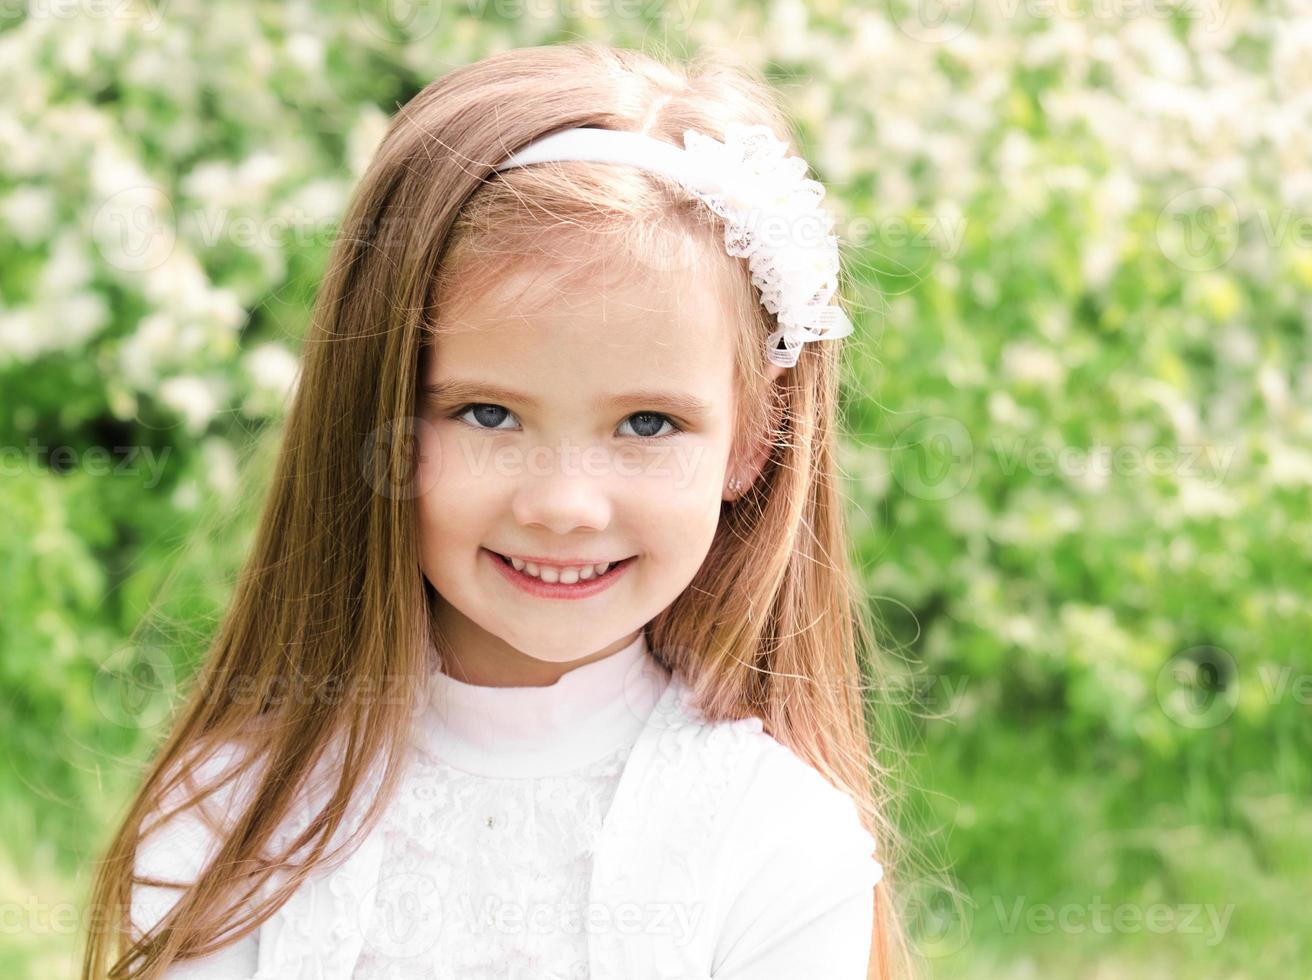 retrato de uma adorável menina sorridente foto